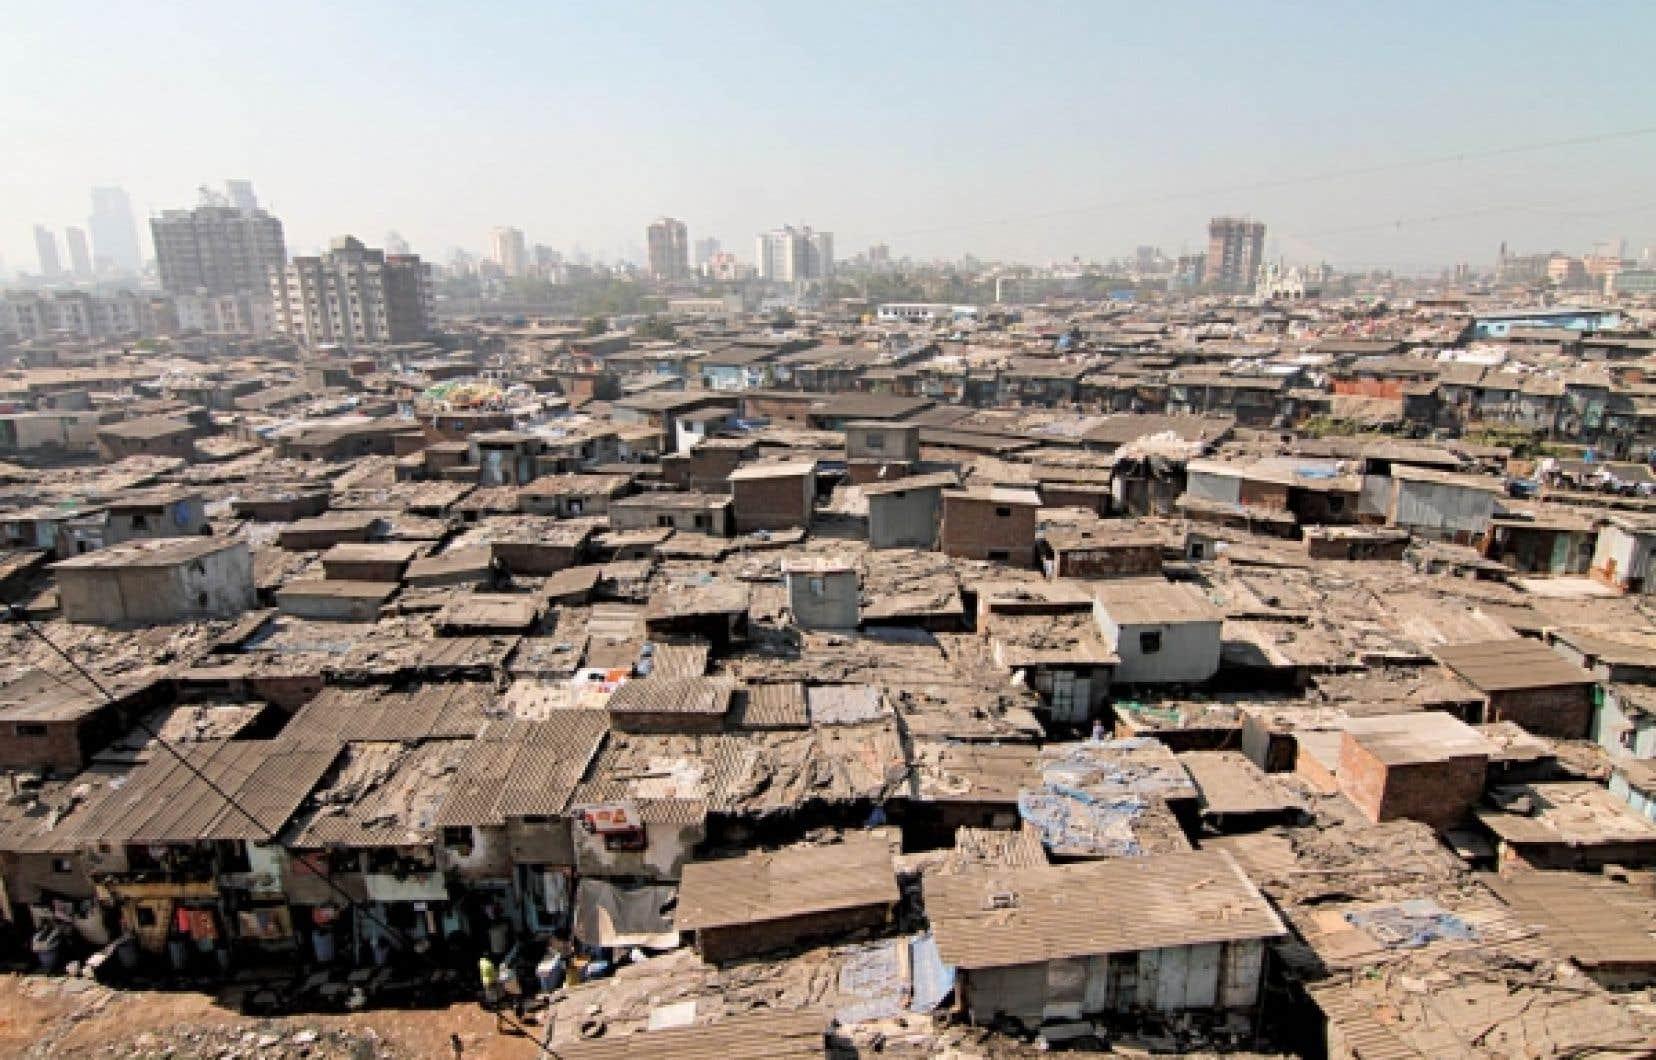 À Mumbai, on ne compte qu'une toilette pour 600 habitants dans les slums, ces quartiers de tôle ondulée qui poussent à côté de villes de plus en plus prospères. Ci-dessus, une image tirée du documentaire Urbanized.<br />